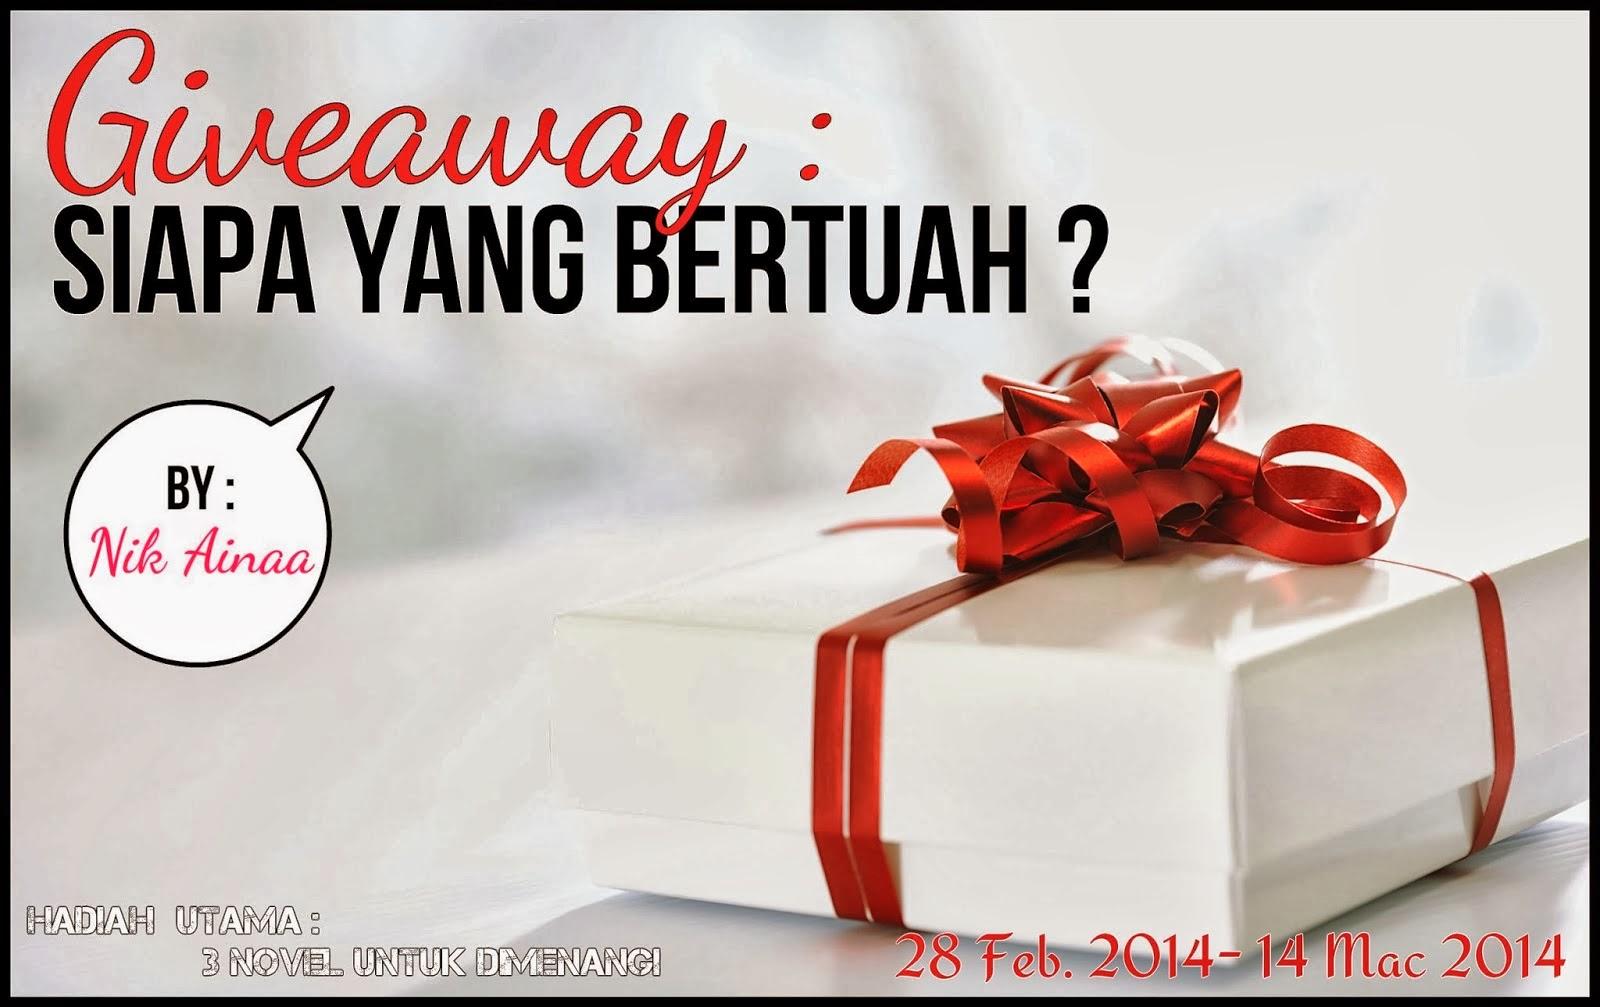 http://nikainaa.blogspot.com/2014/02/giveaway-siapa-yang-bertuah.html